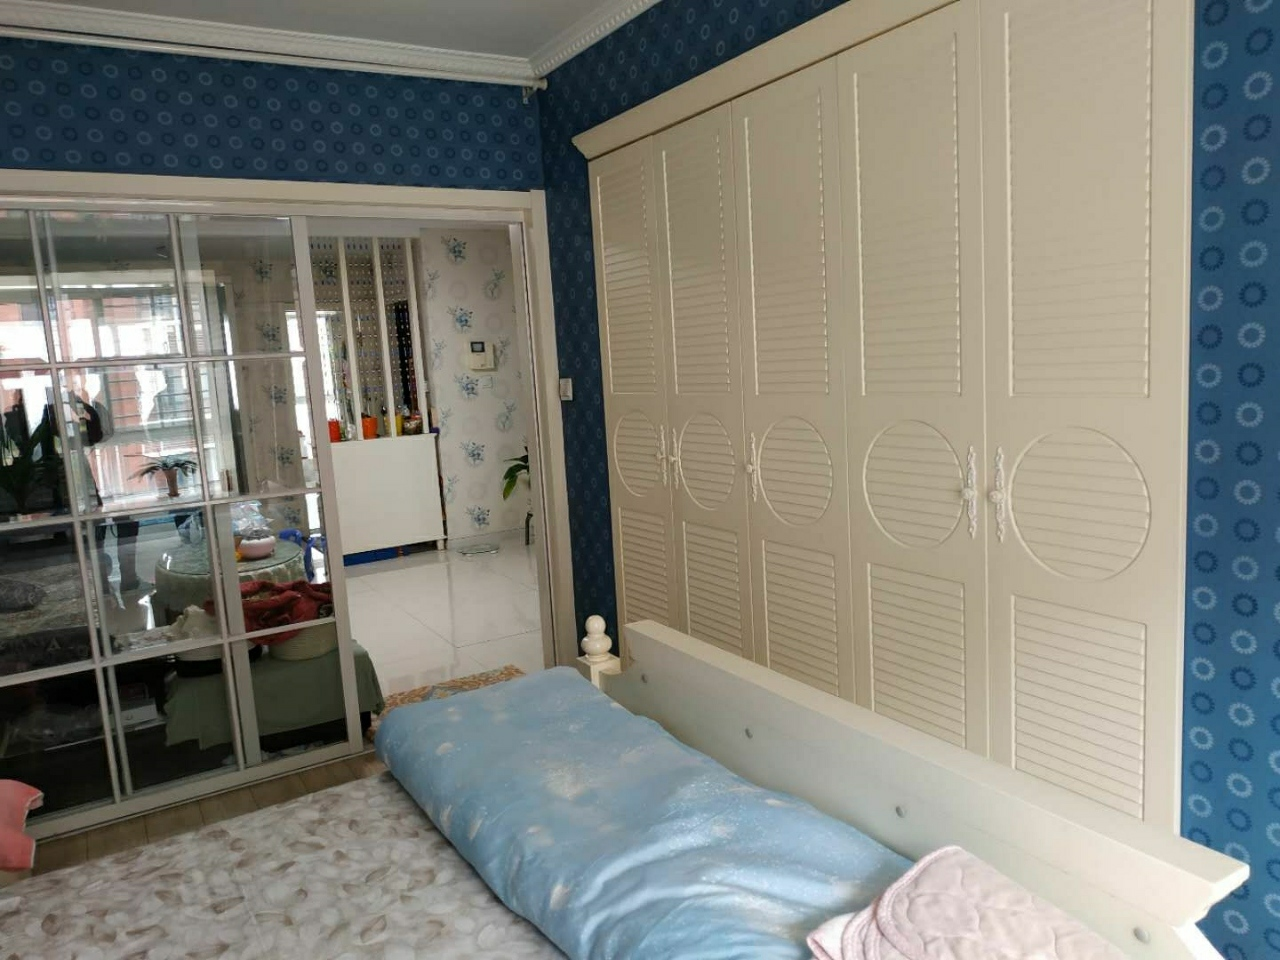 溫馨佳苑電梯房,79平兩室兩廳豪華裝修,帶小房